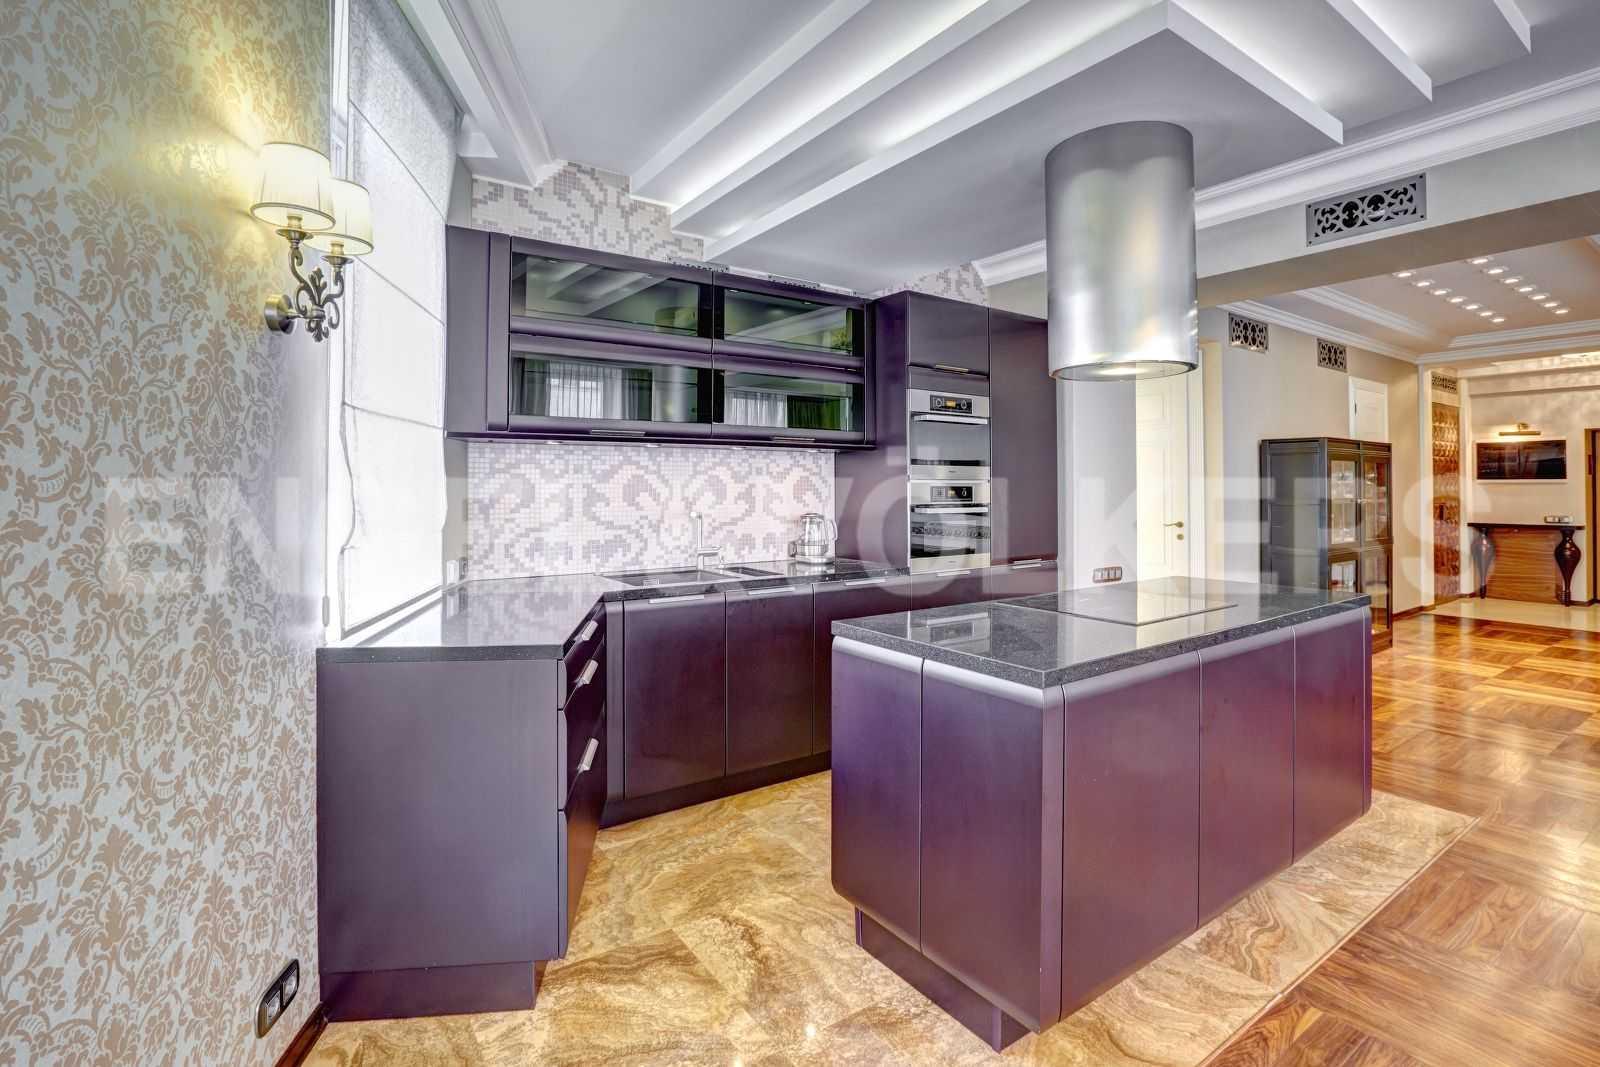 Элитные квартиры в Центральном районе. Санкт-Петербург, Тверская, 1А. Встроенная кухня в гостиной